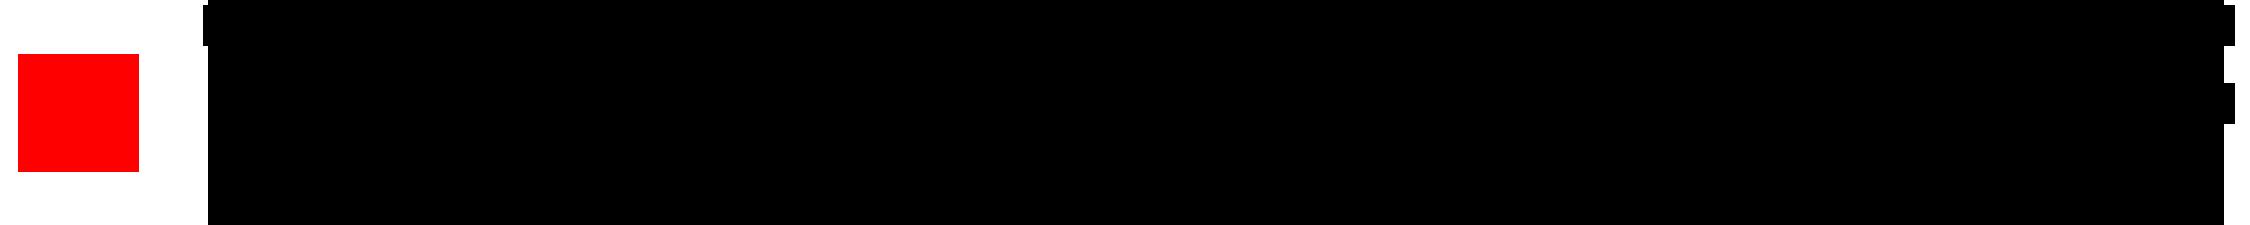 tim ottenhof